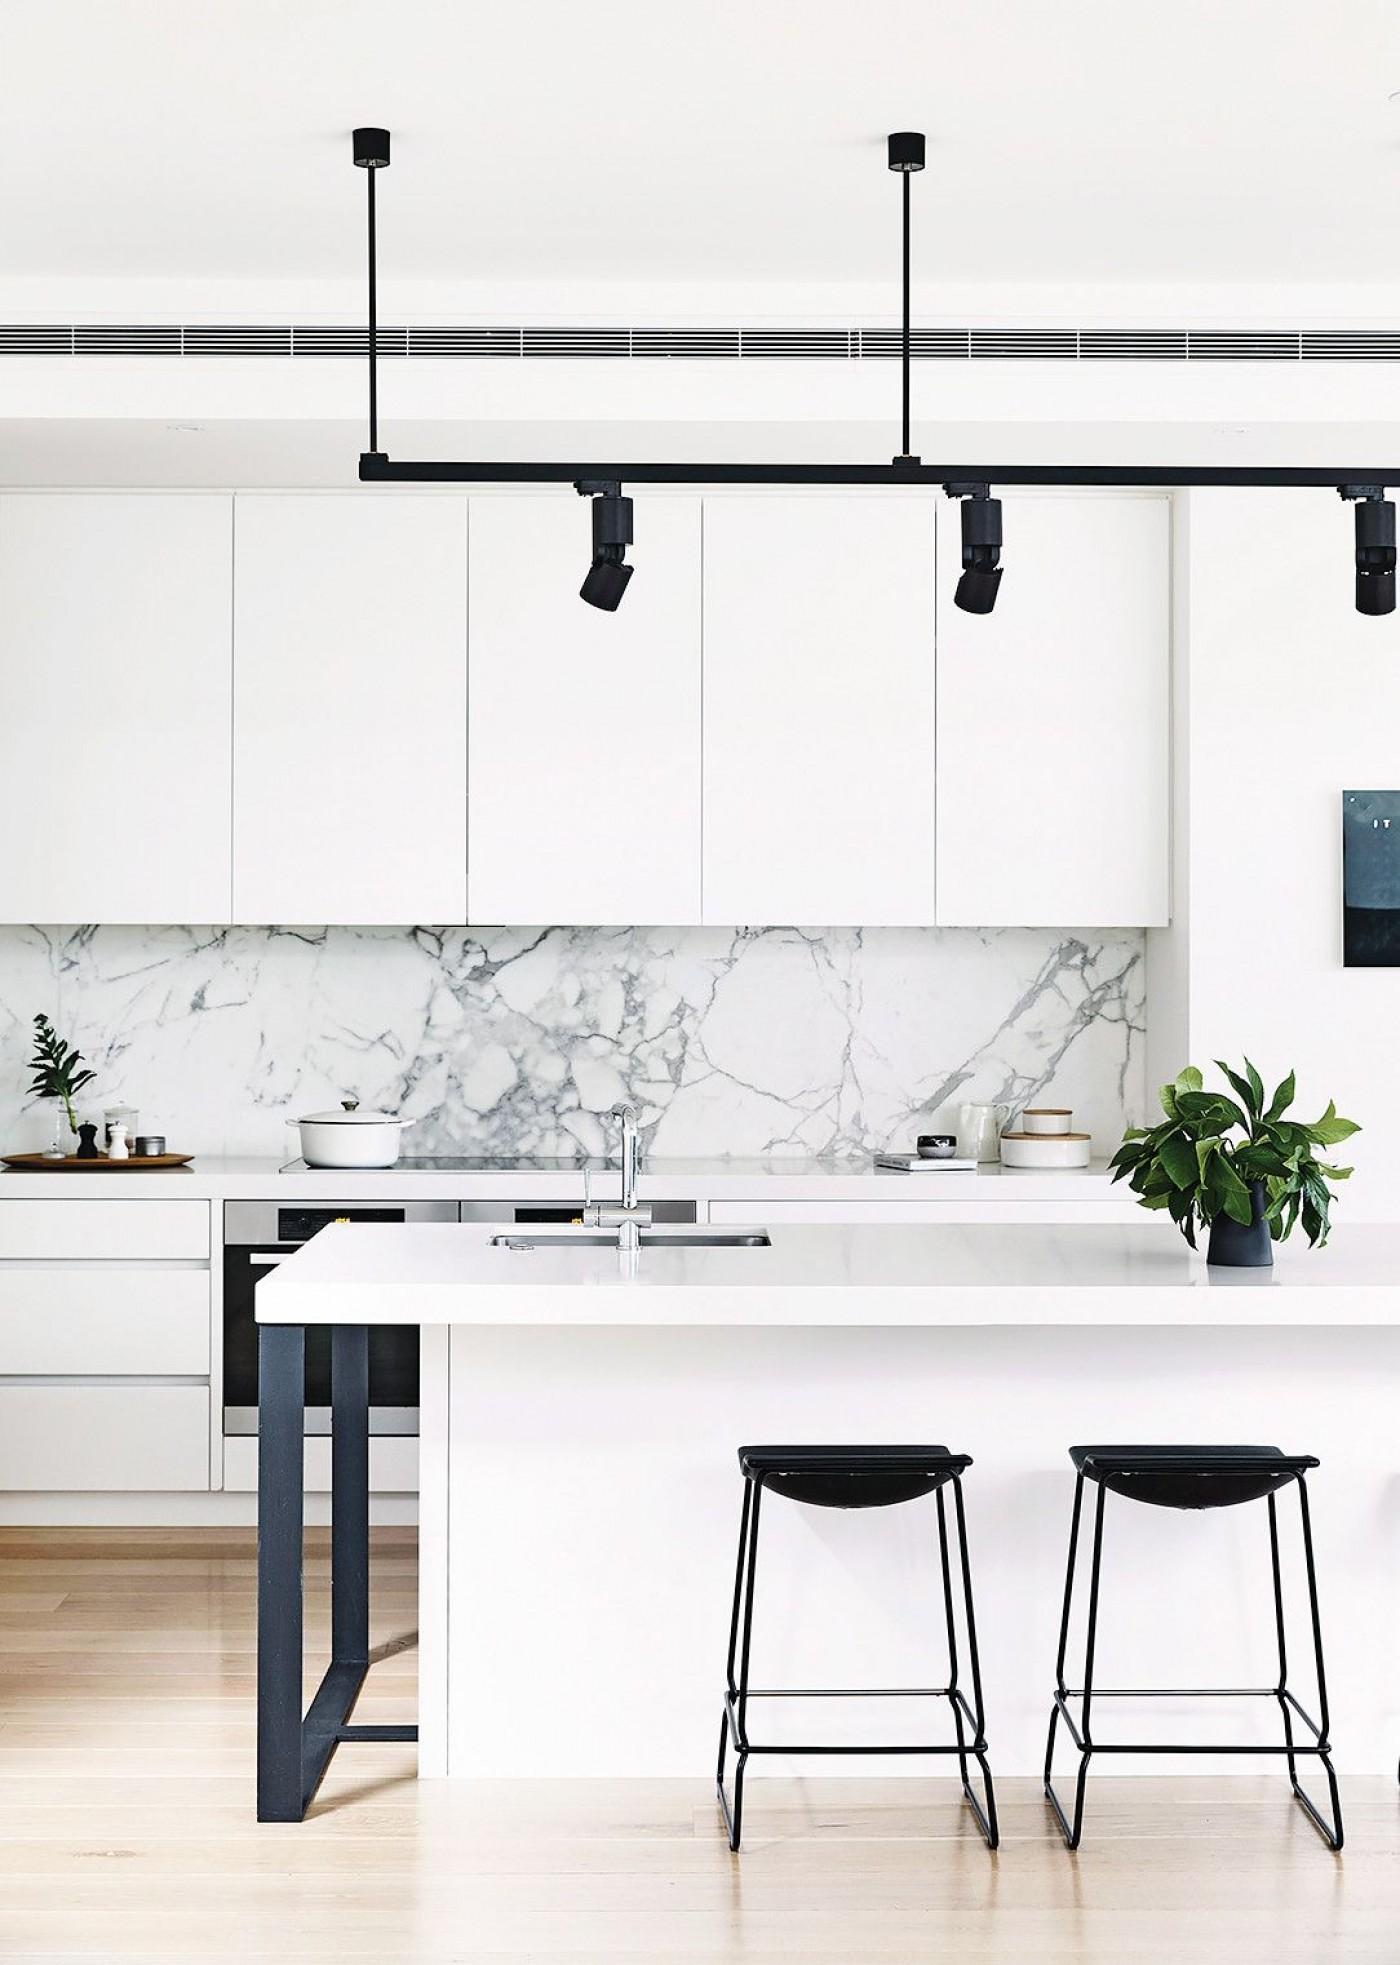 025-kitchen-designs-minimalist-design-1400x1966